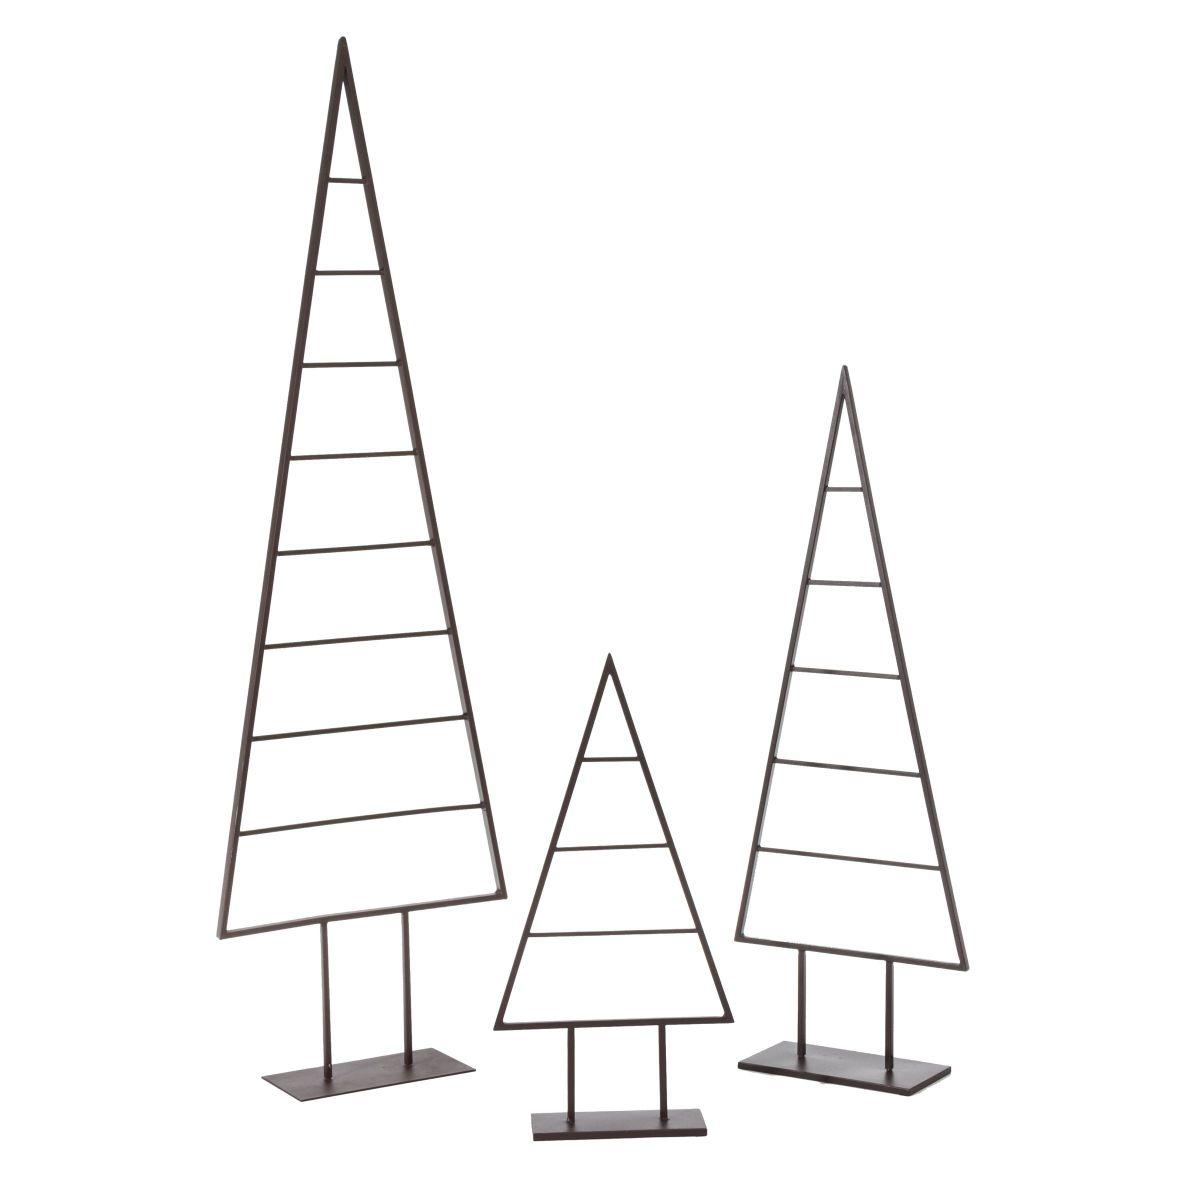 deko objekt christbaum dekorierbar metall einfach. Black Bedroom Furniture Sets. Home Design Ideas